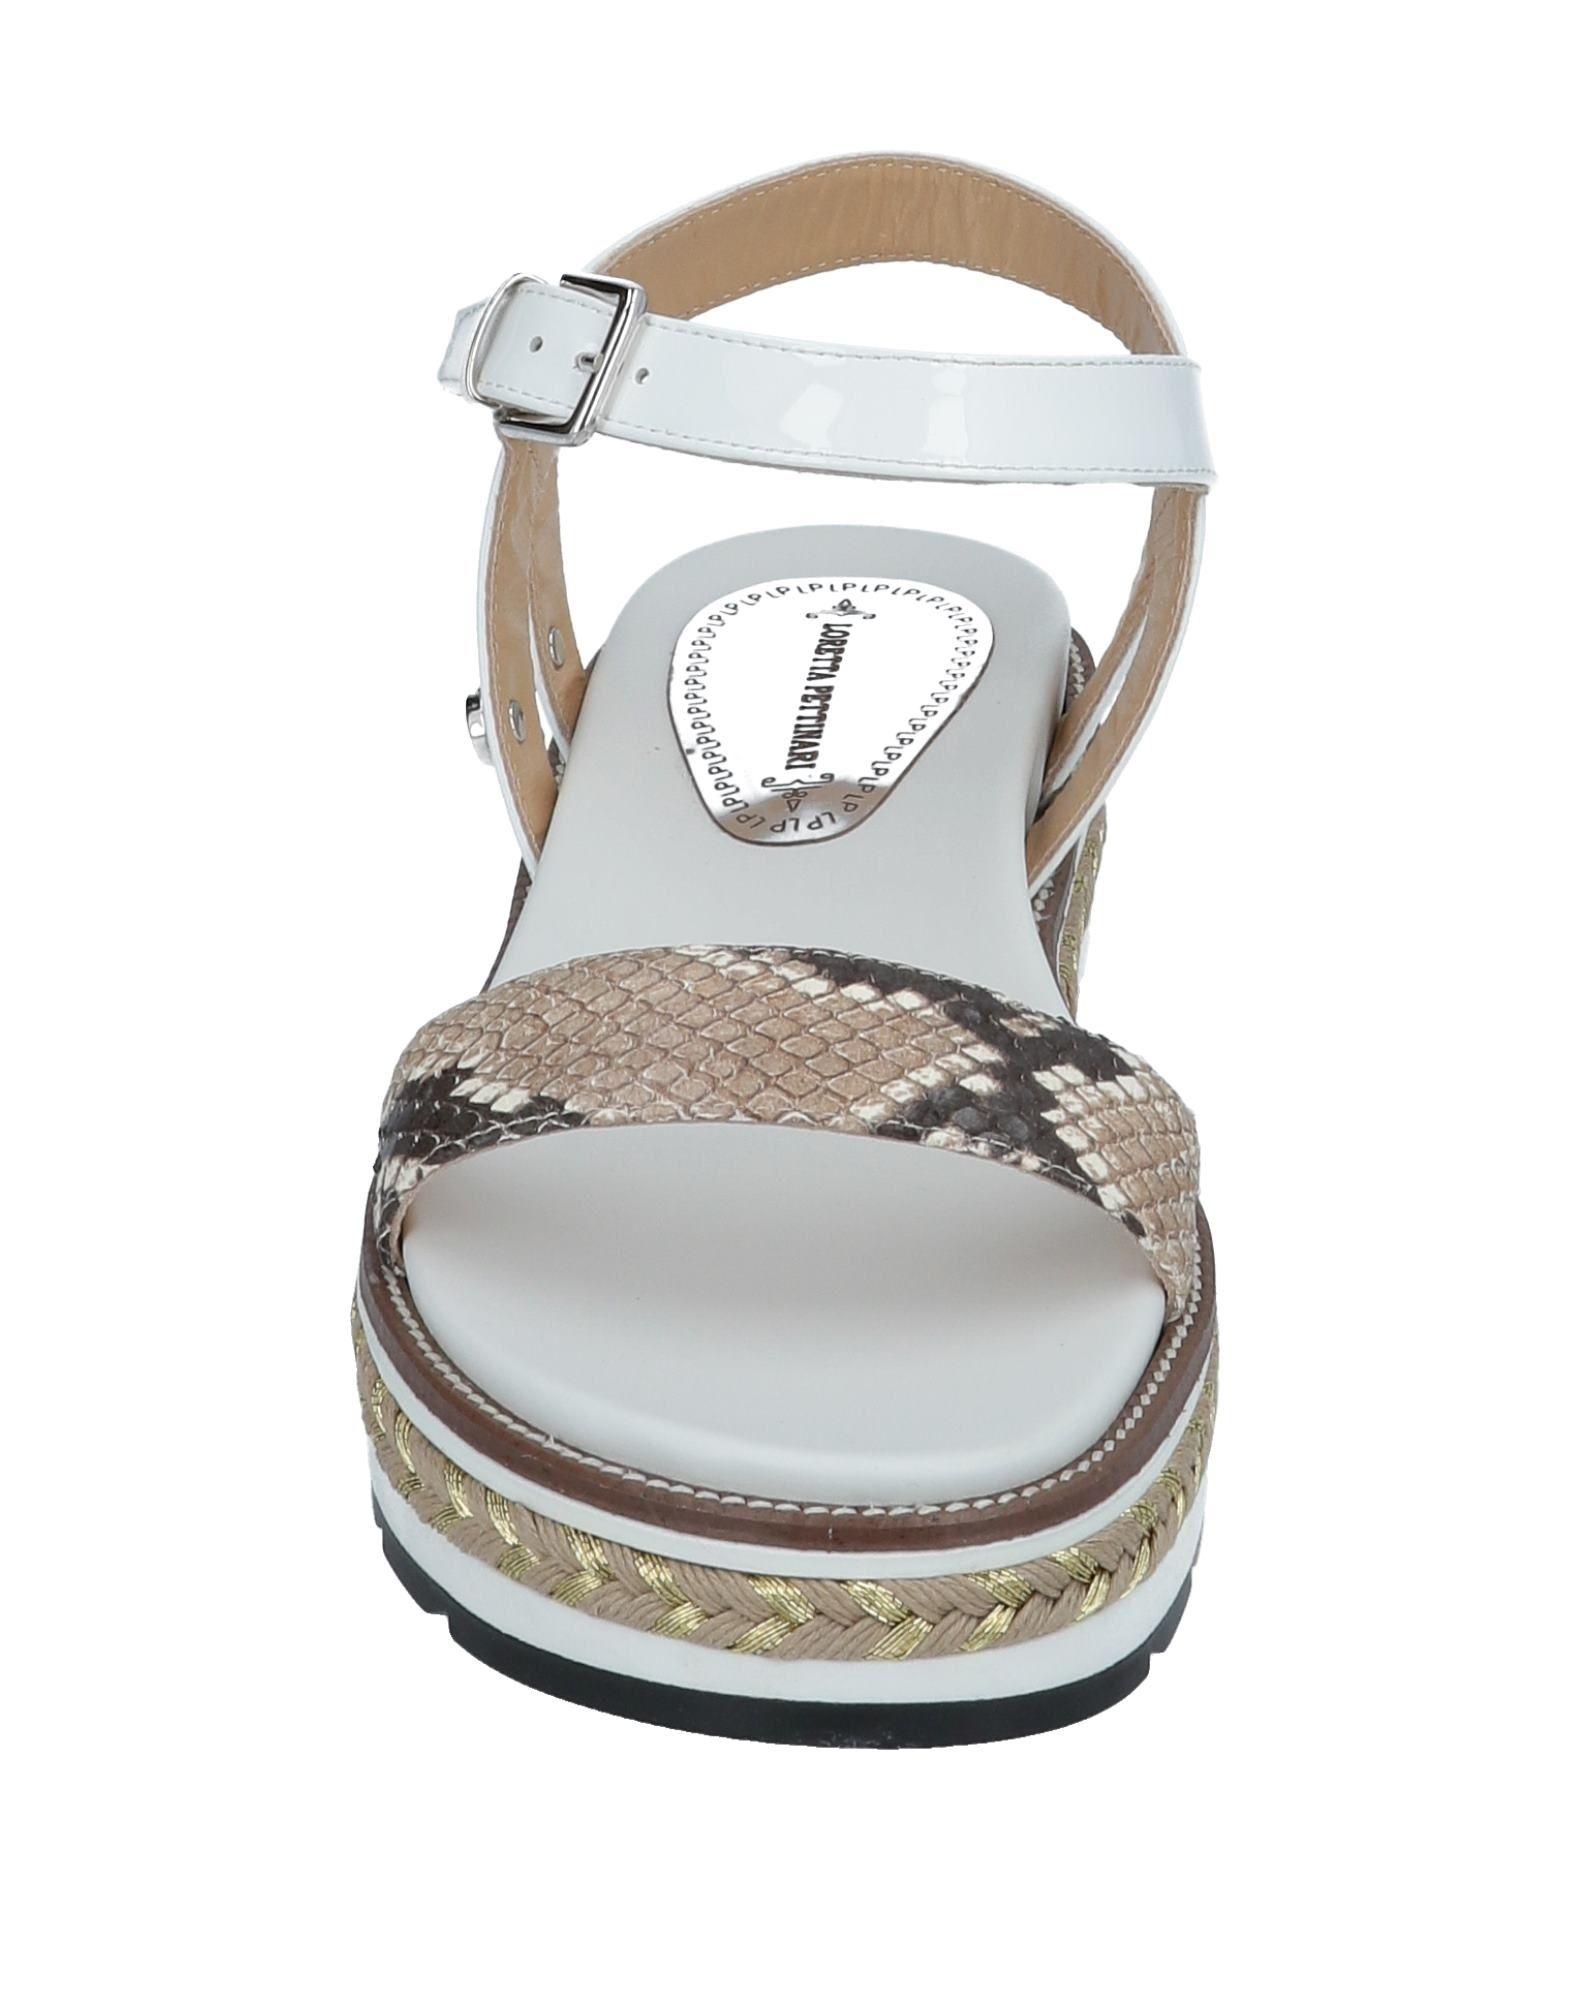 loretta pettinari sandales - femmes loretta pettinari sandales en en en ligne sur canada - 11550095qw f732ec